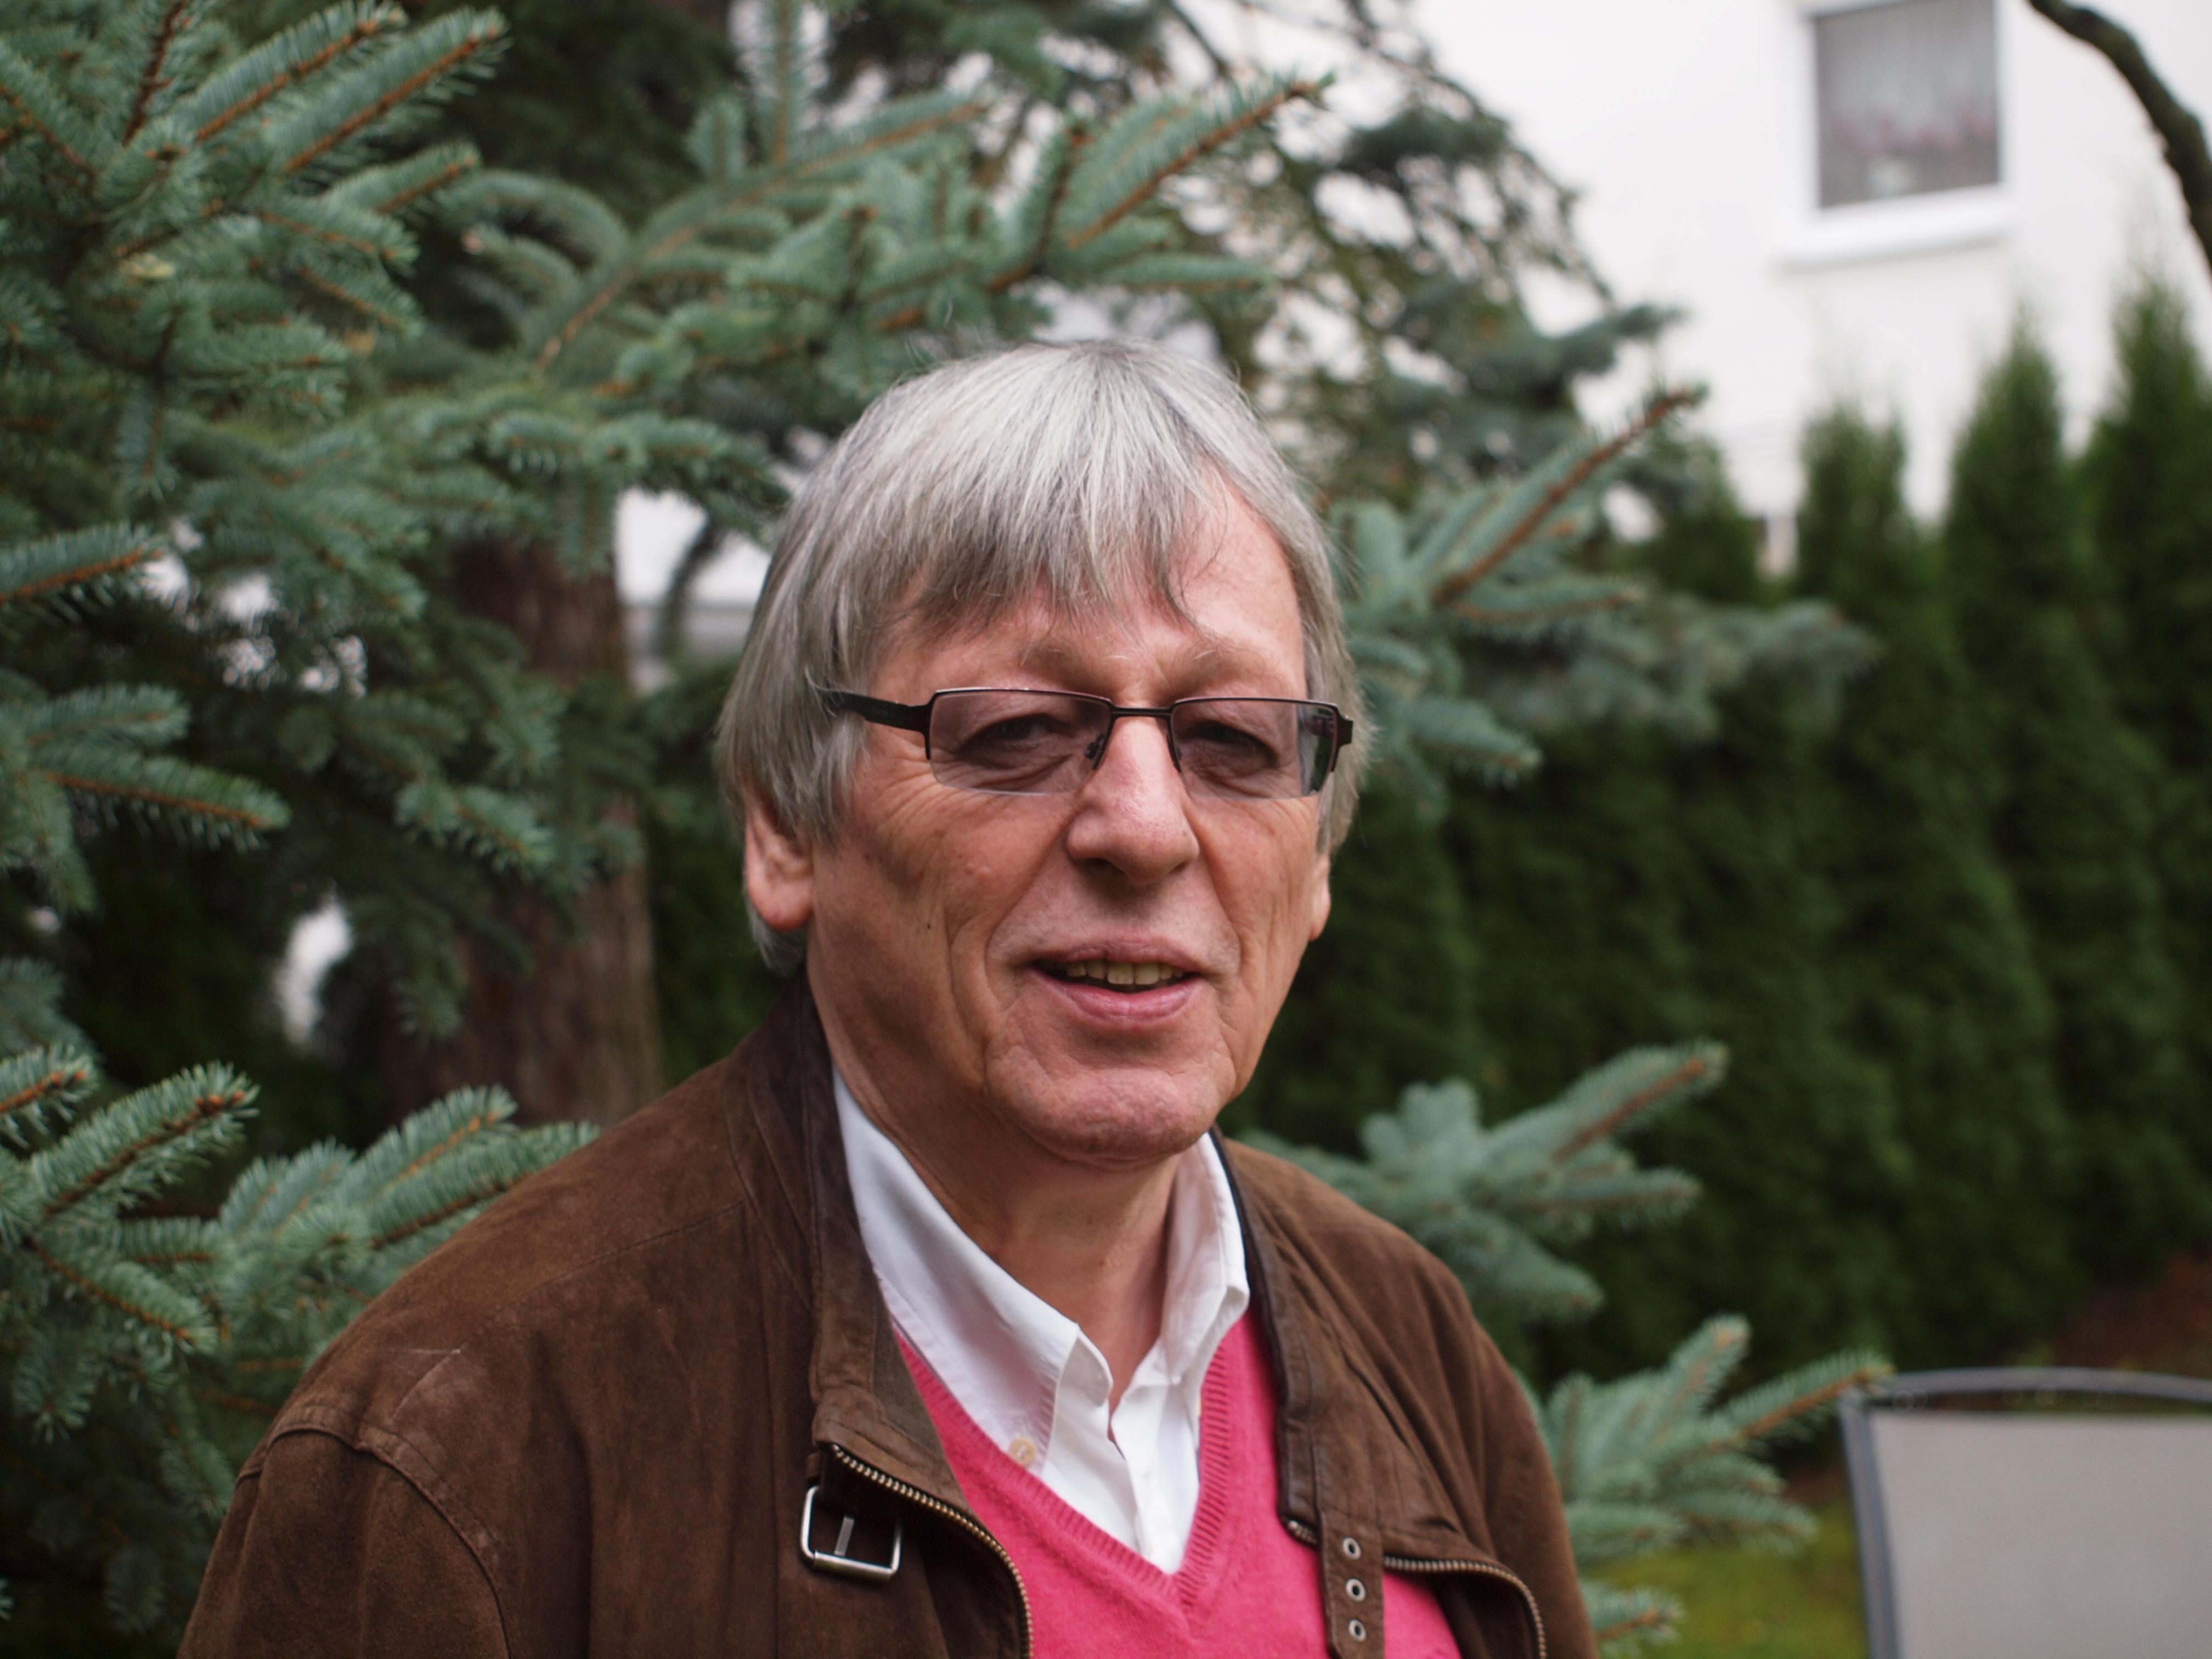 Leserbrief und Bericht vom letzten Treffen der Wählerinitiative  von Thomas Voelter, Zollernalbkreis, 17.07.2017